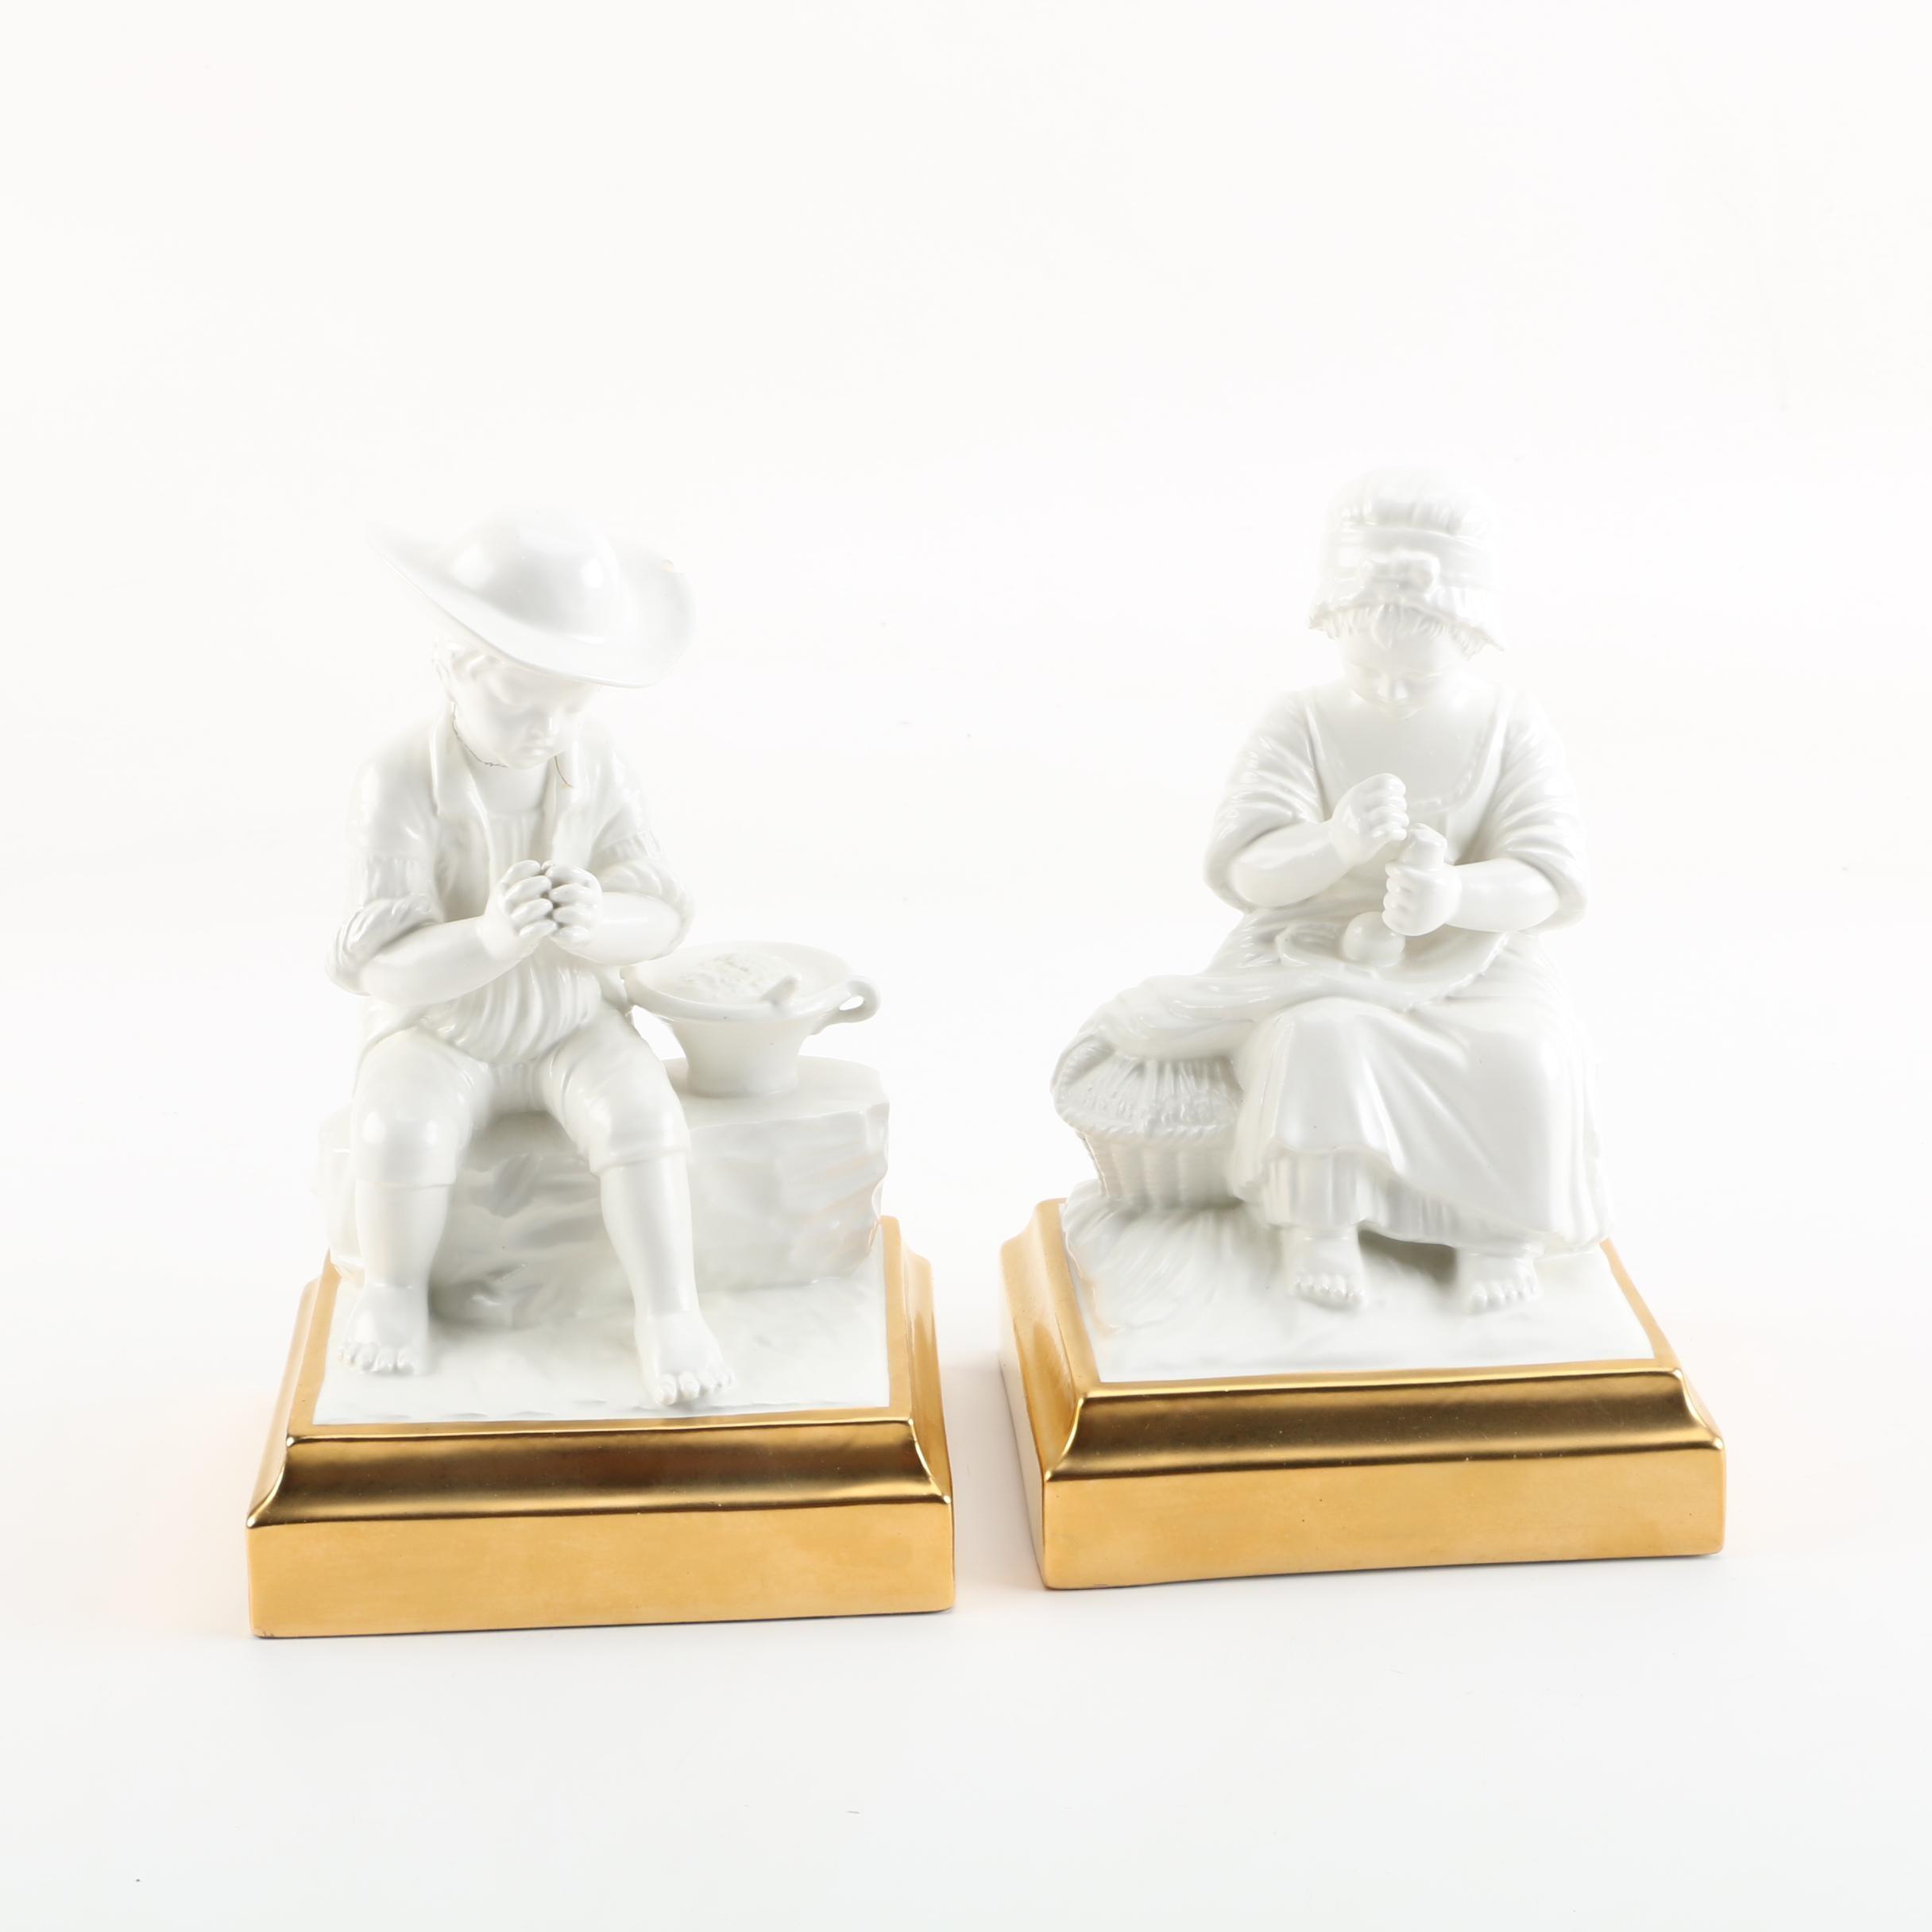 Mottahedeh Porcelain Figurines